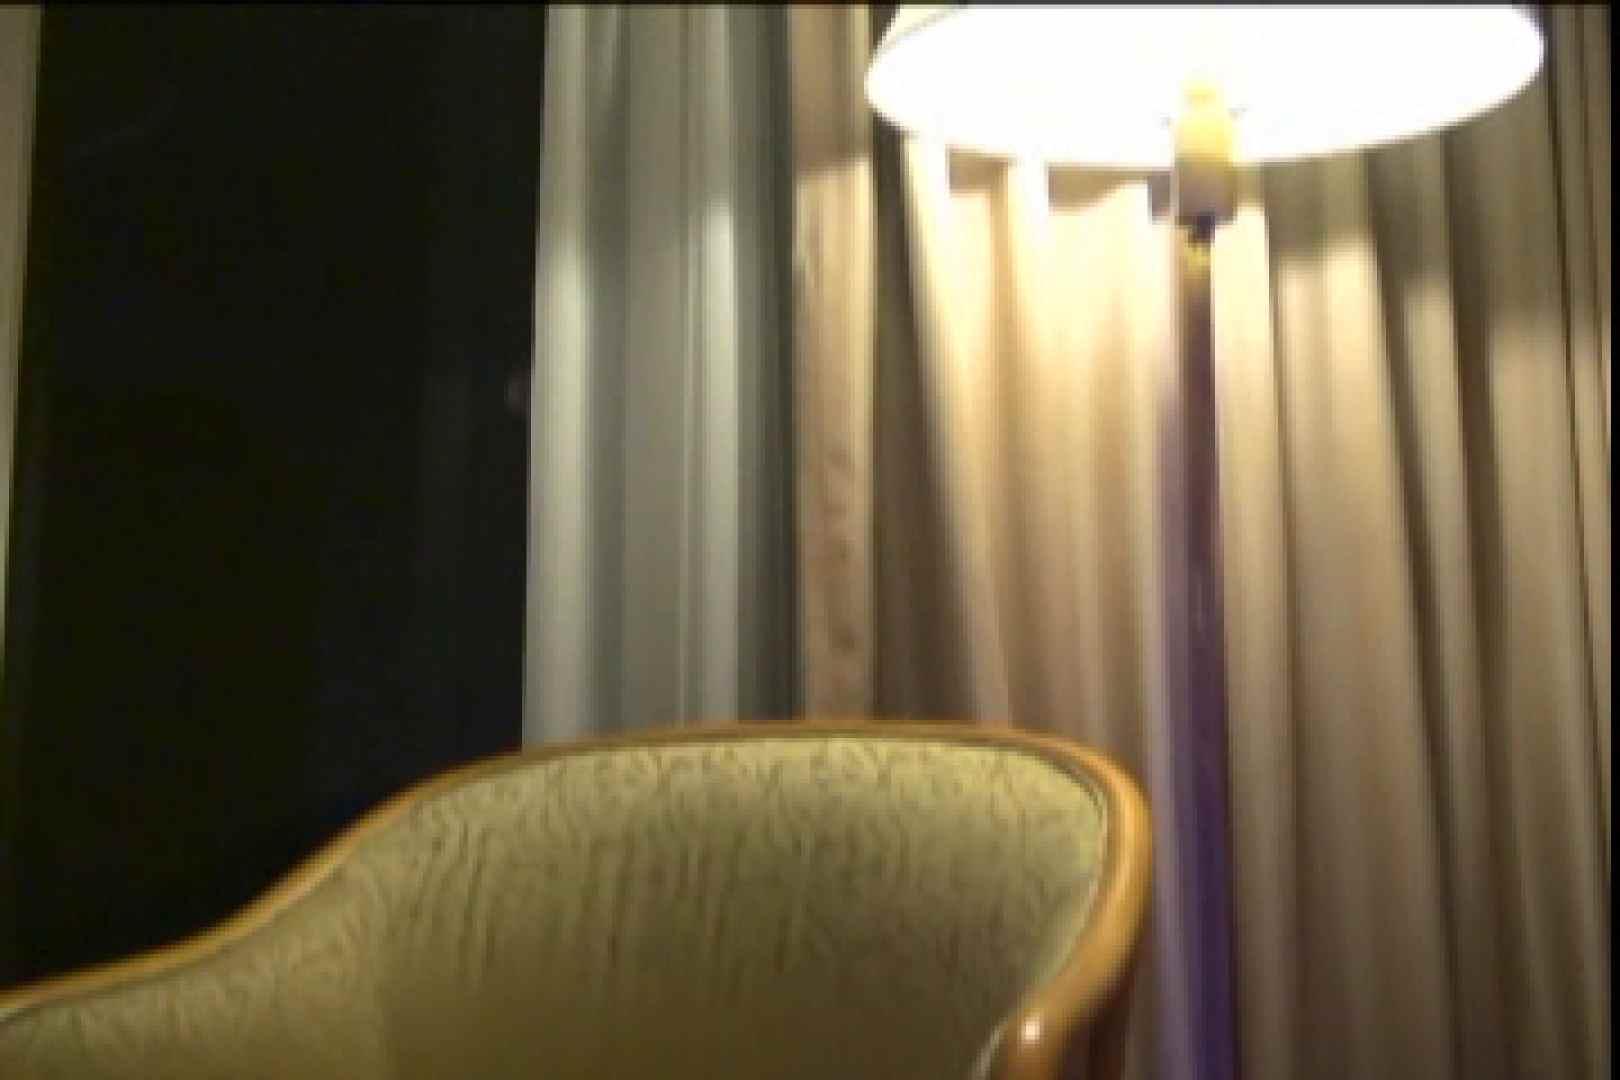 ノンケ君?まさかの初体験!!芸能人を目指す為の裏バイト(イケメン3名) フェラ天国 ゲイ無修正画像 94pic 15